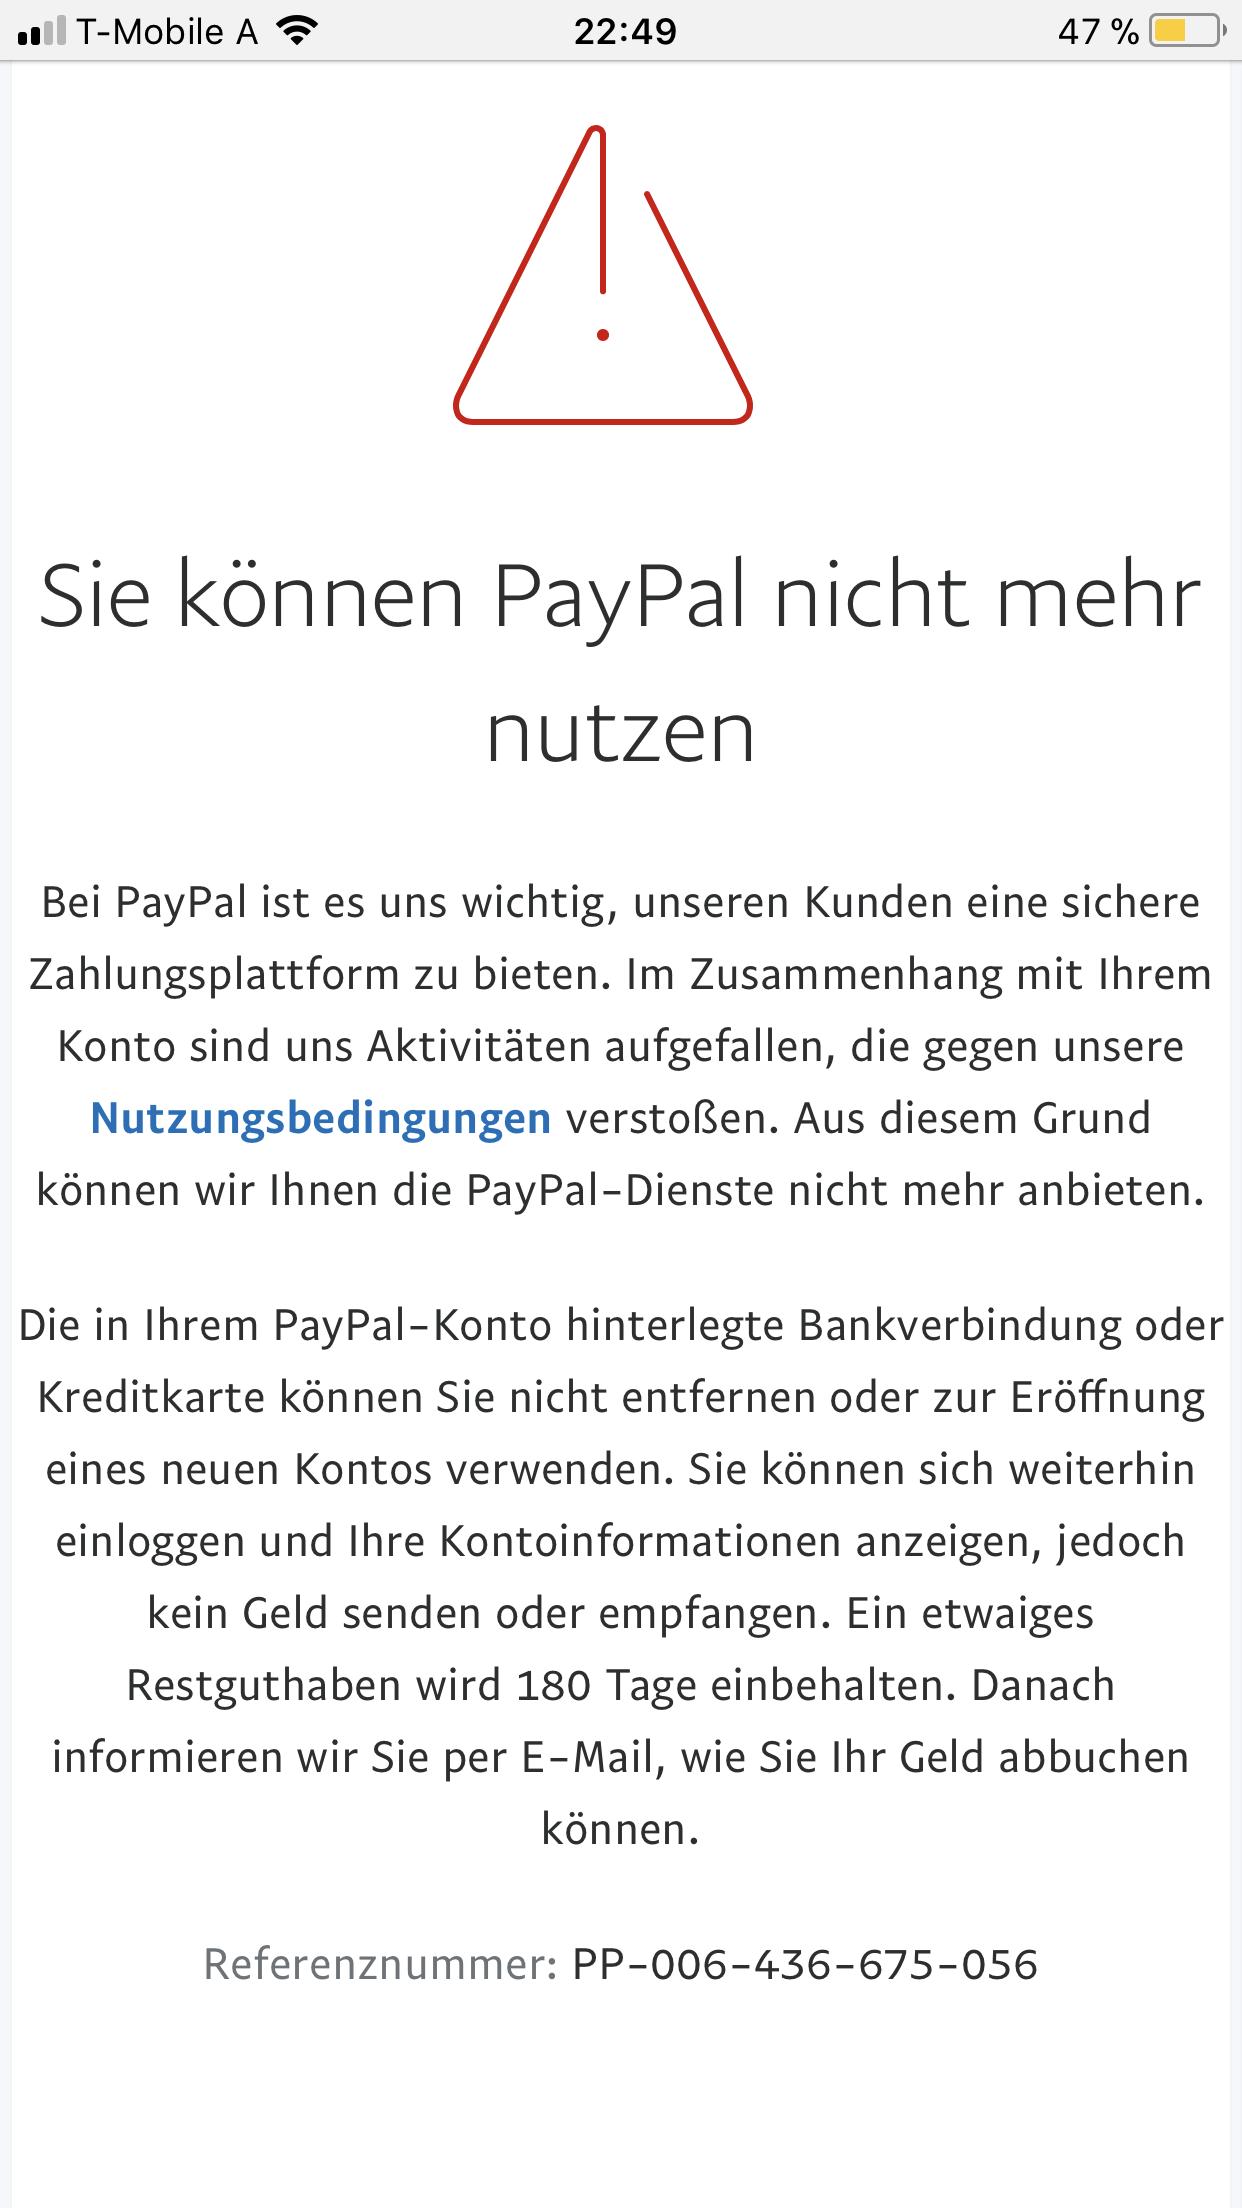 Mein Paypal Konto Funktioniert Nicht